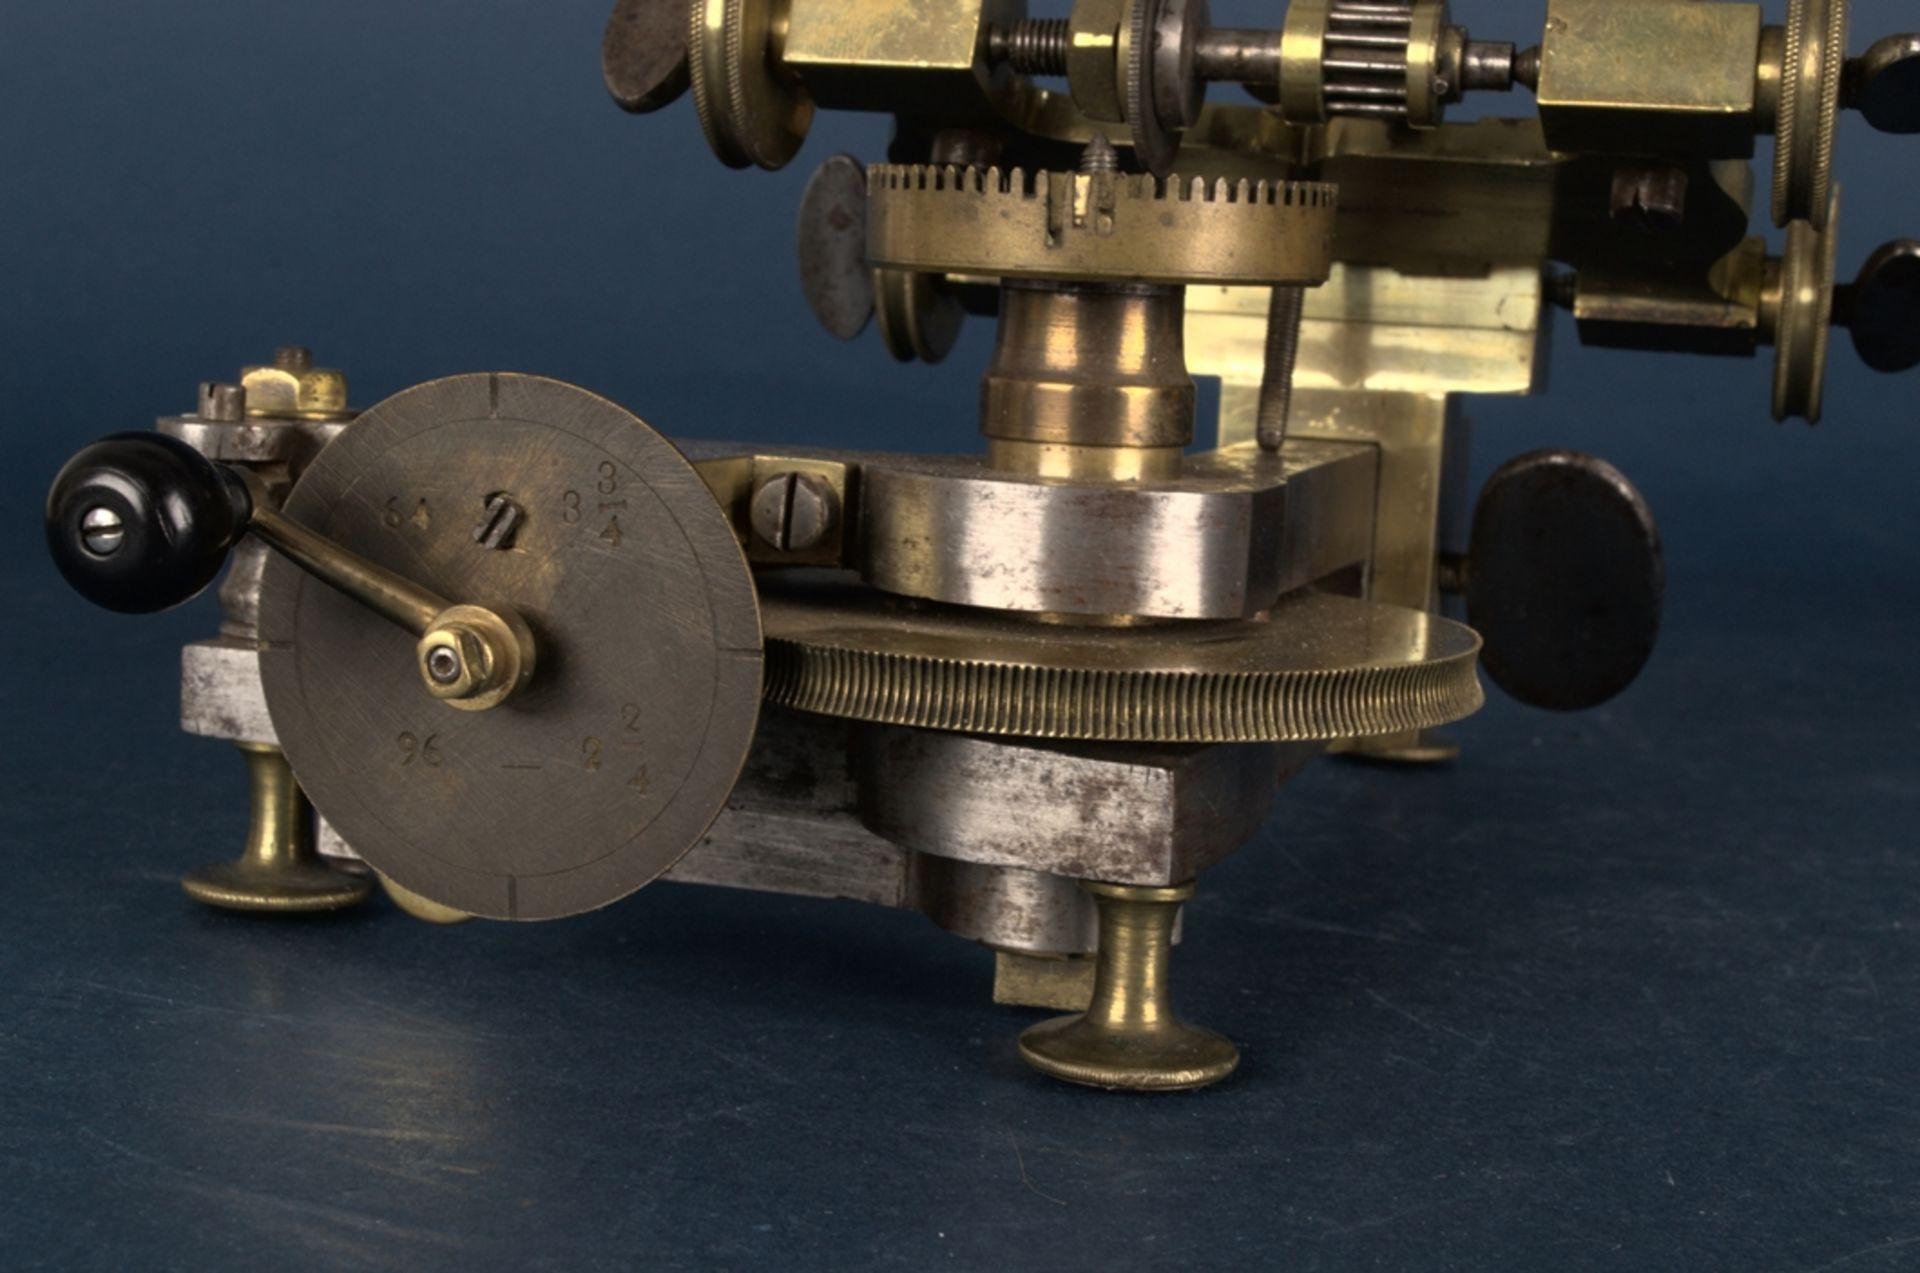 Zahnradfräsmaschine/Zahnräderschneidemaschine, frühes Uhrmacherwerkzeug, deutsch Mitte 18. Jhd., - Bild 15 aus 29